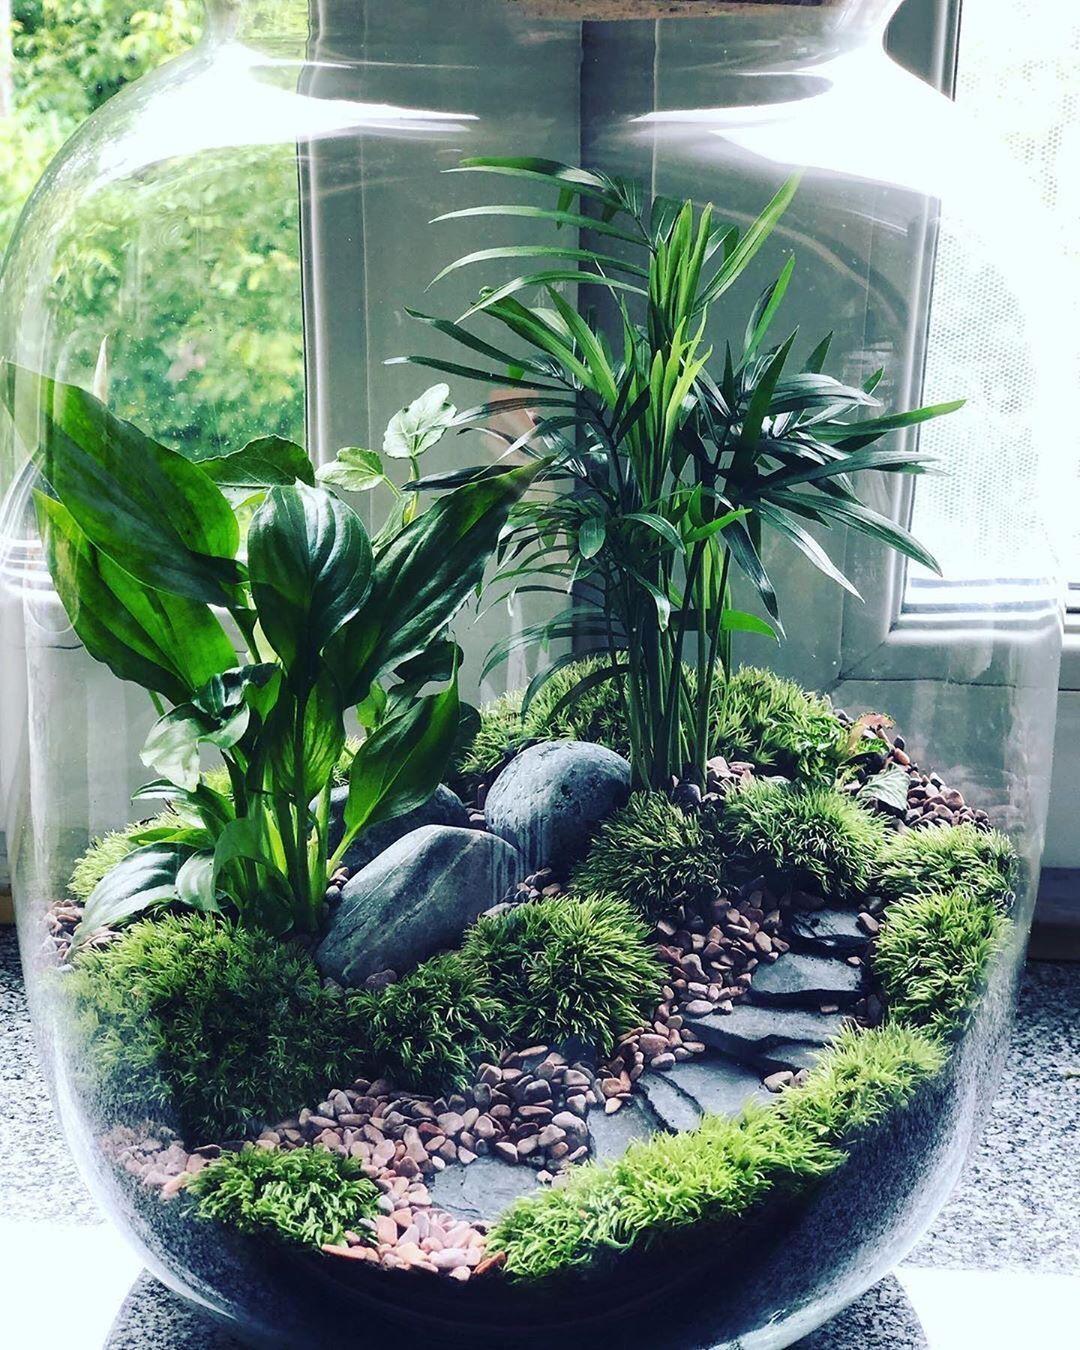 Terrarium Imaginarium on Instagram: